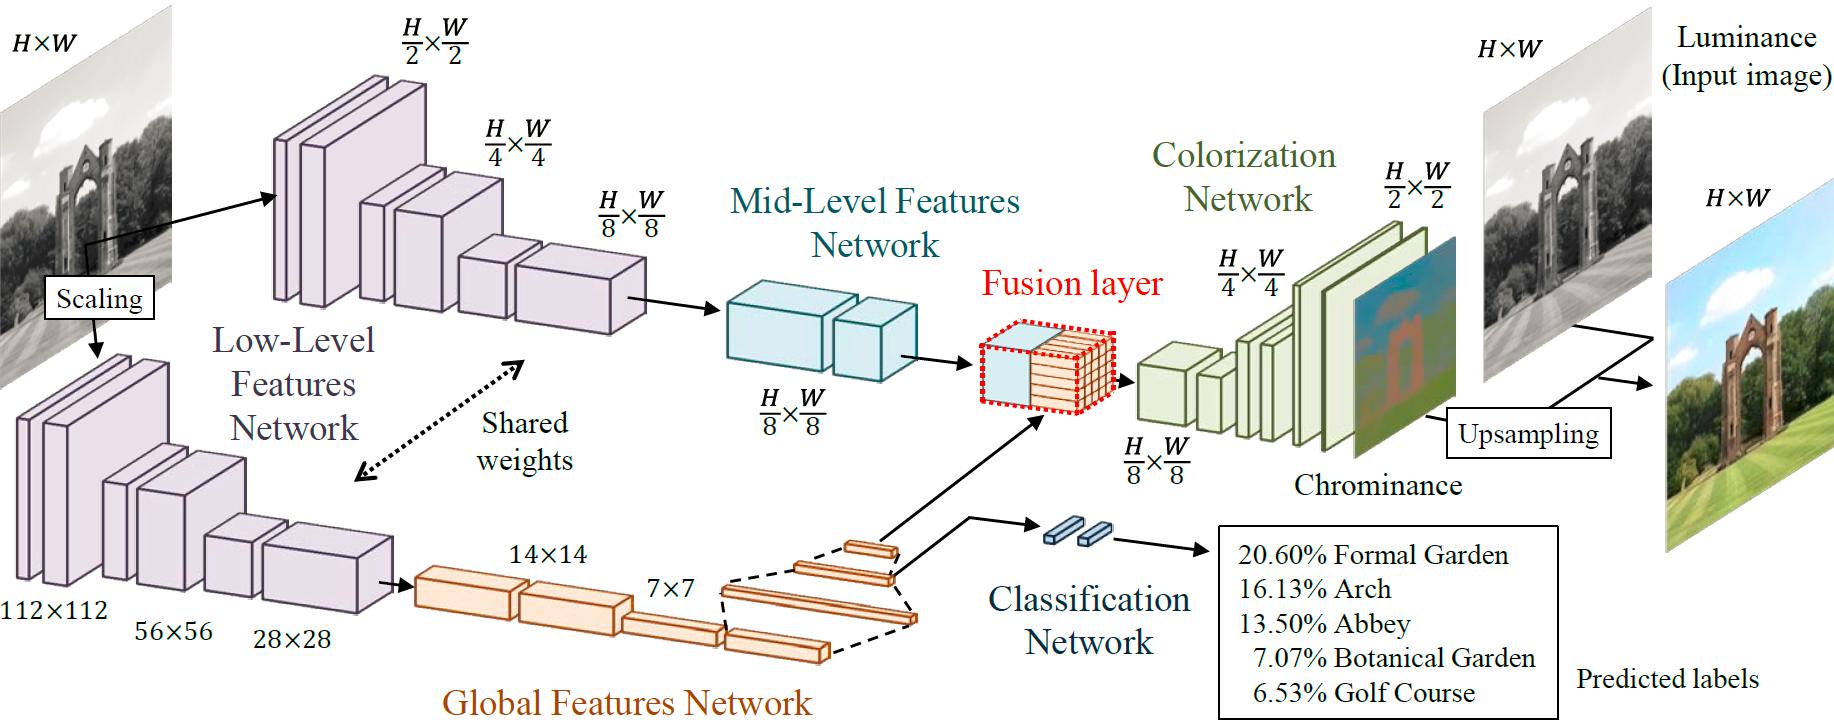 ディープネットワークを用いた大域特徴と局所特徴の学習による色付けのモデル構造